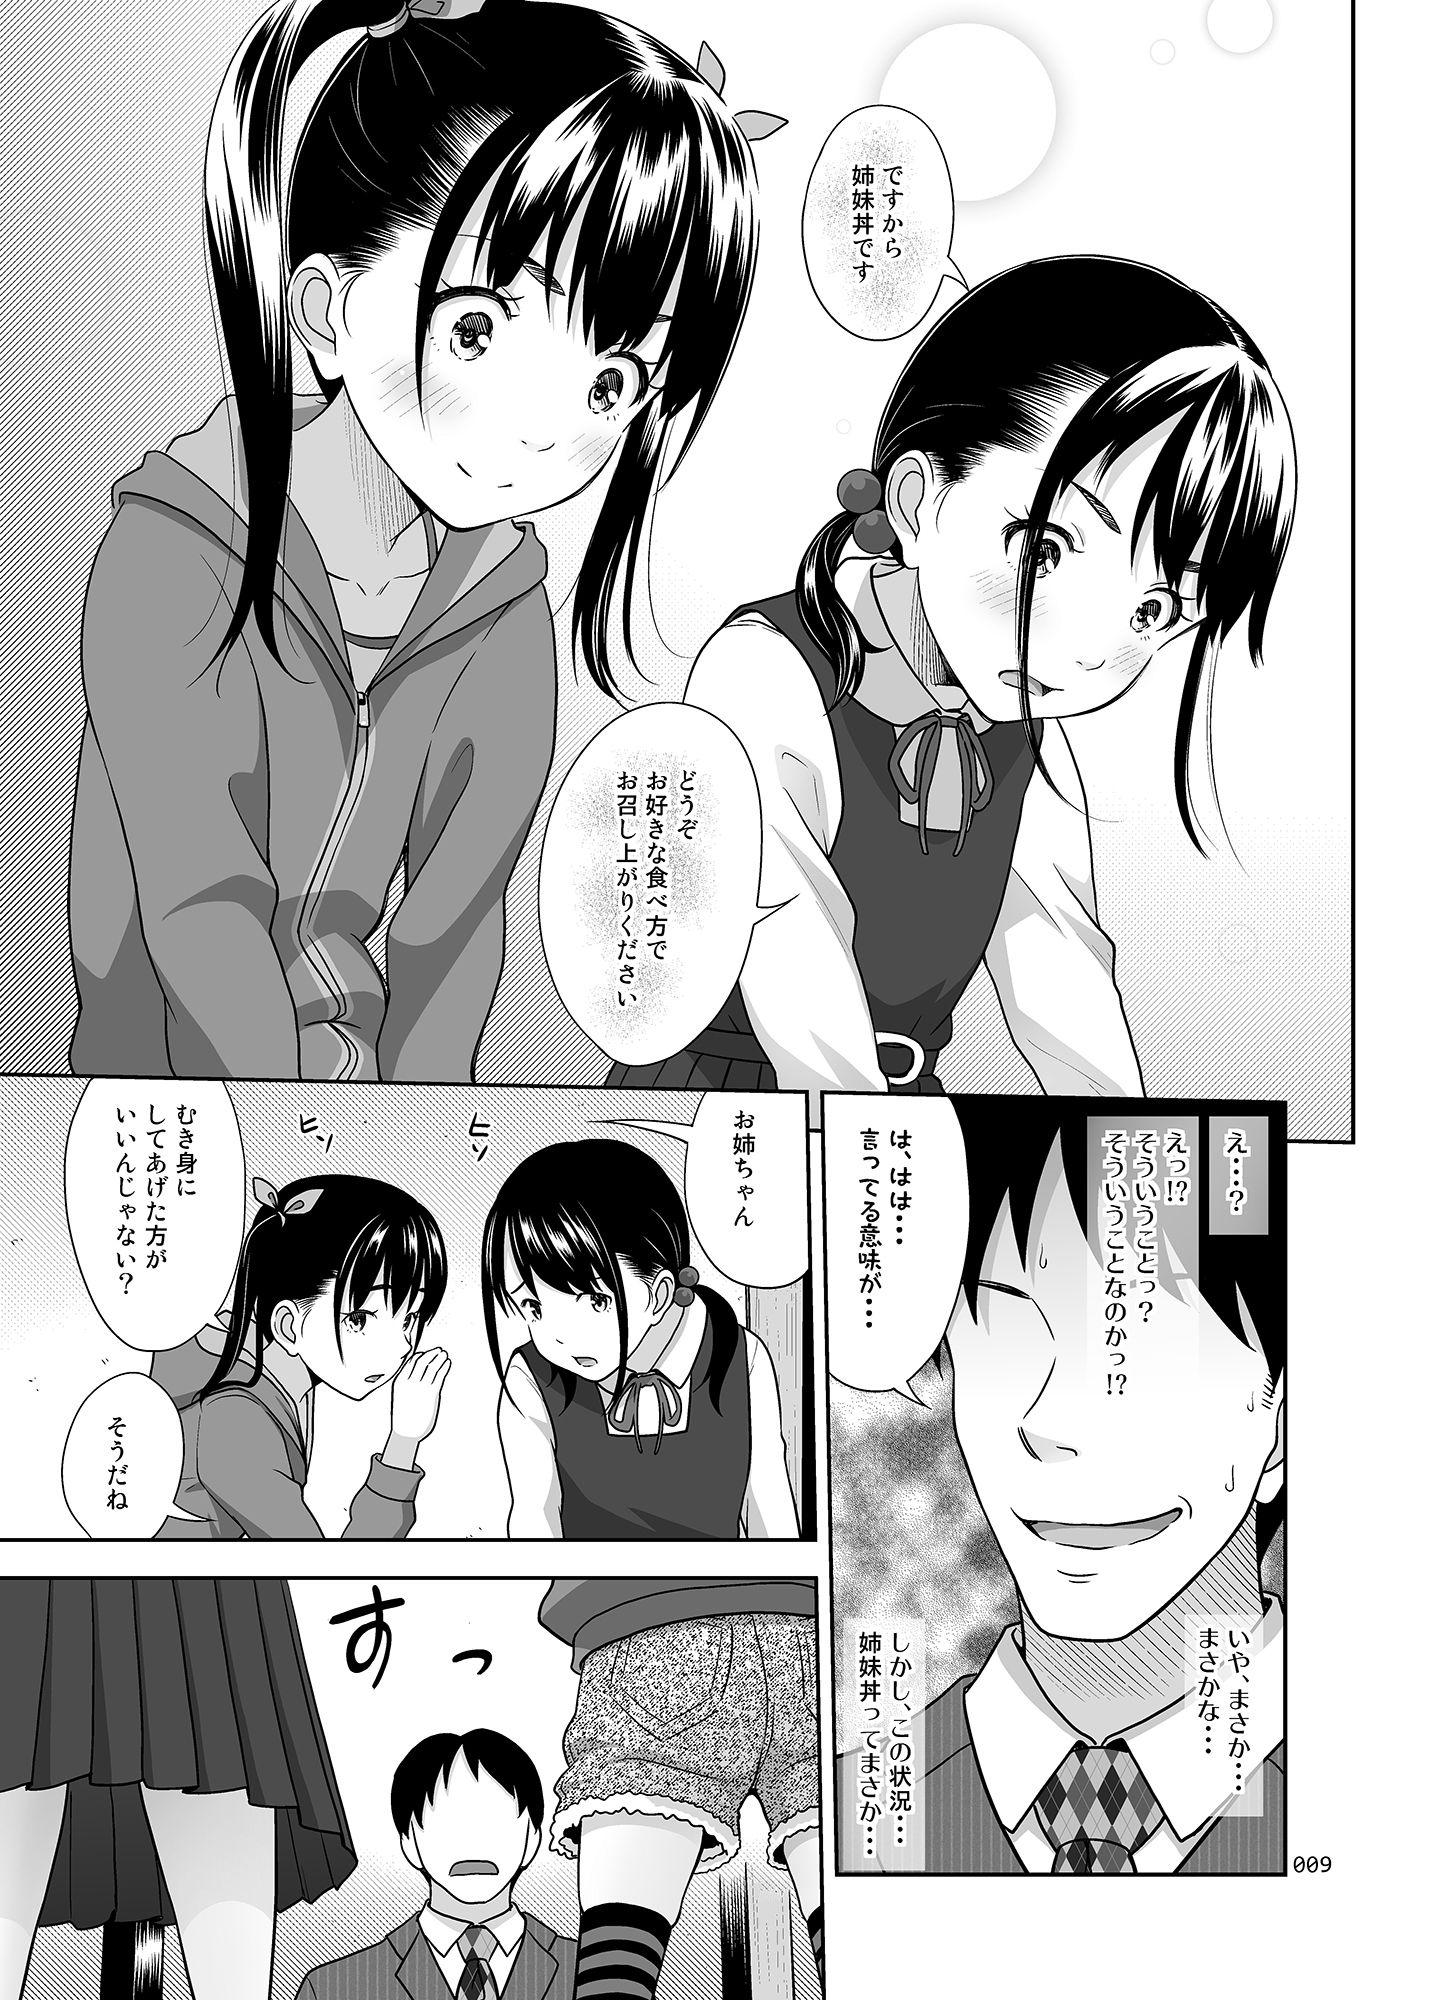 【エロ漫画無料大全集】可愛い姉妹とこんなことしてみてーwww【エロ漫画:姉妹丼いただきます:暗中模索】